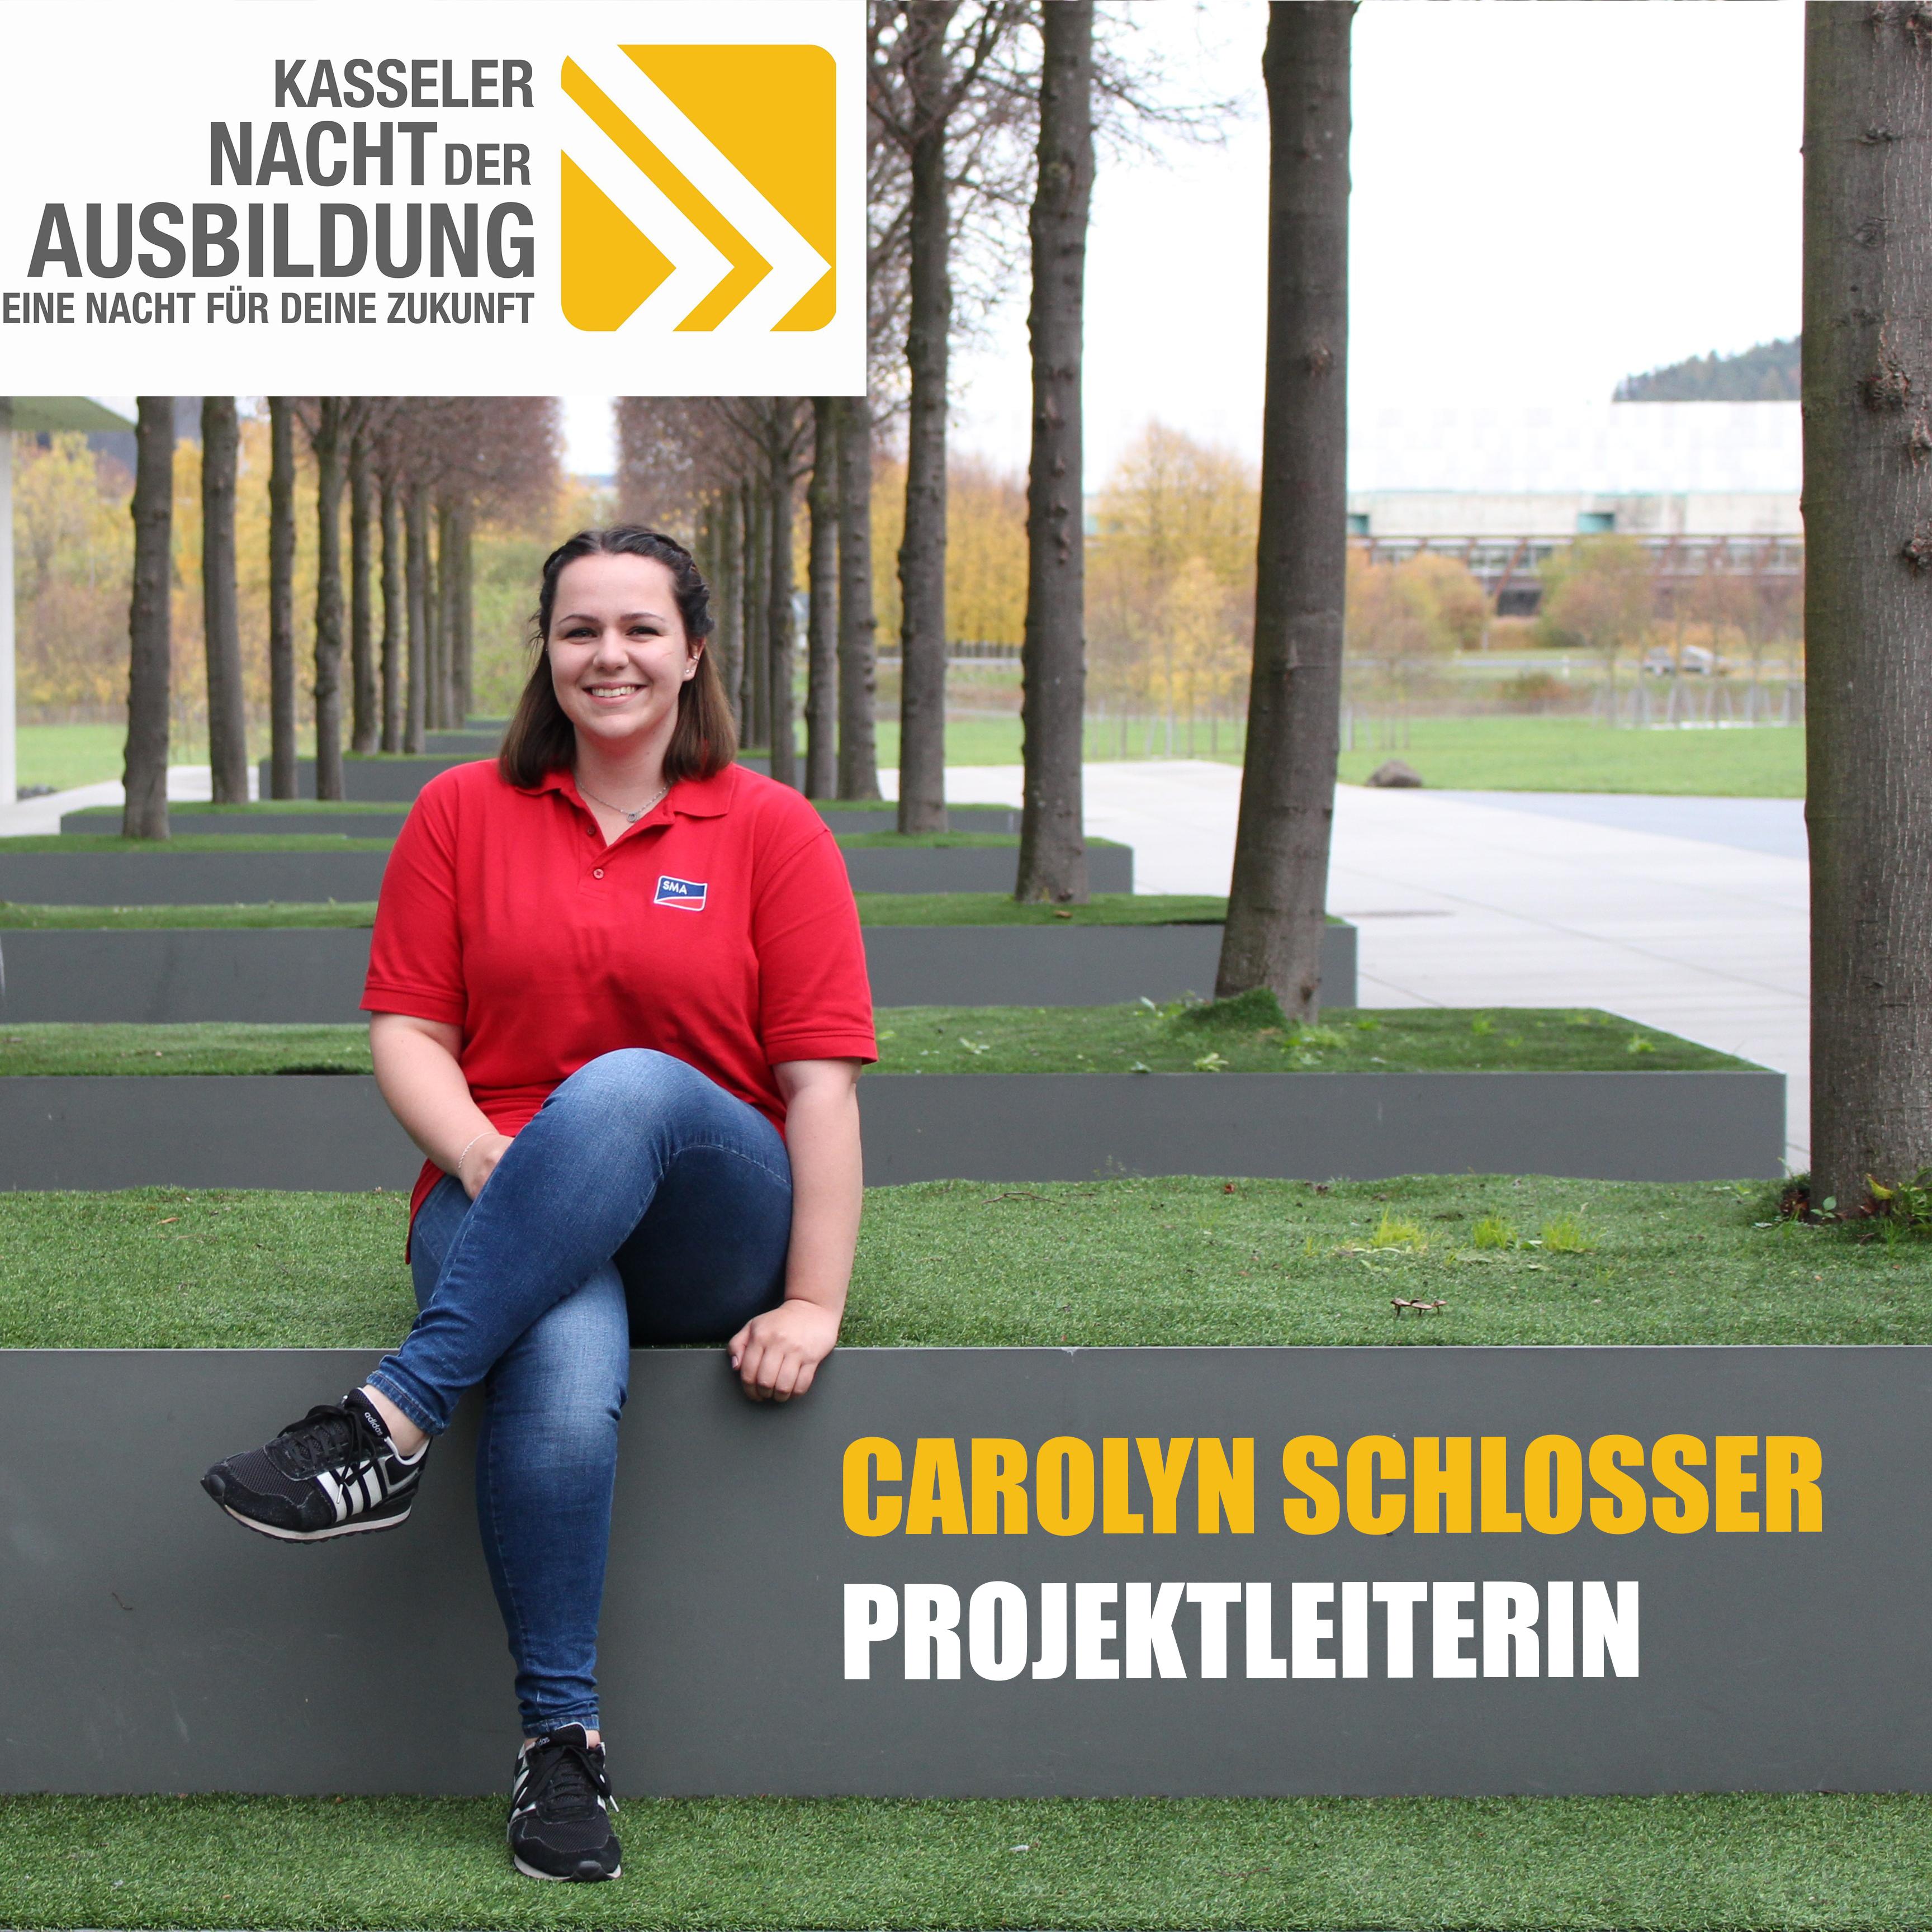 Carolyn Schlosser